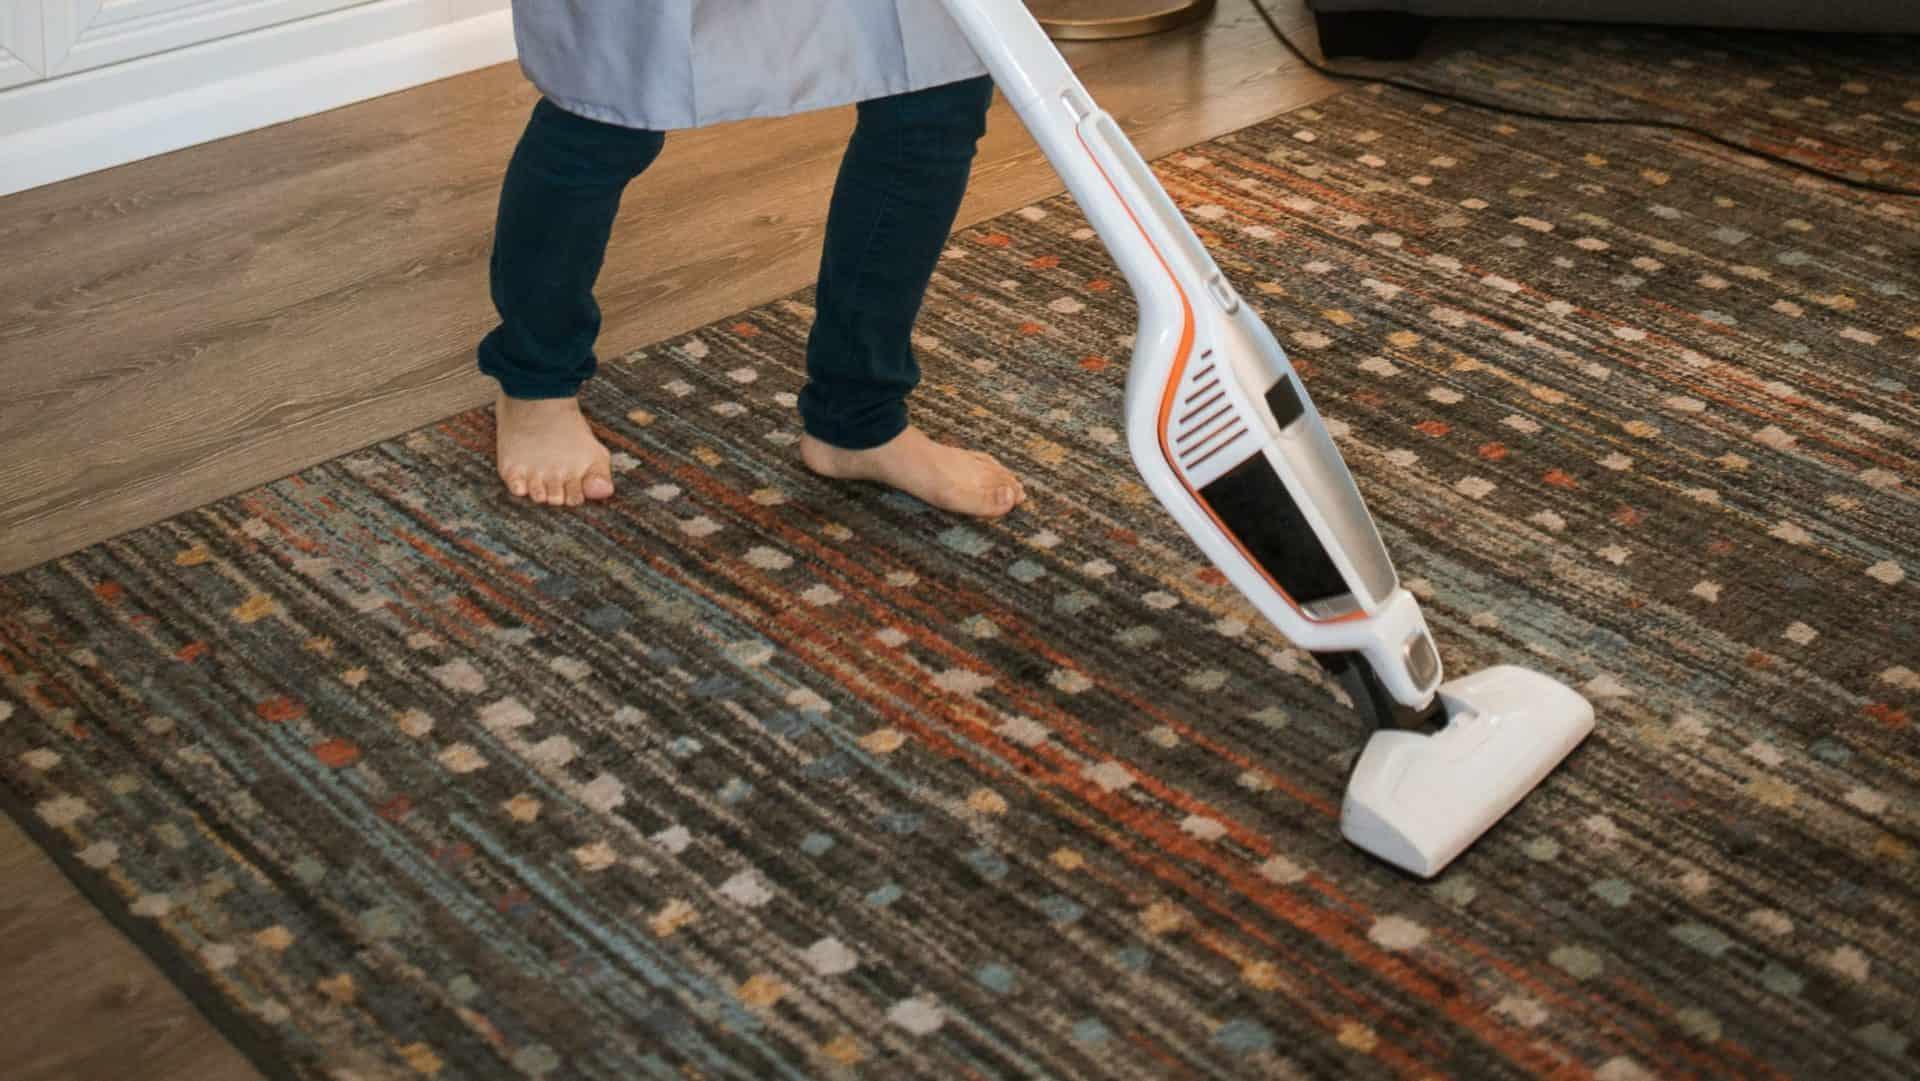 Persoon stofzuigt tapijt.